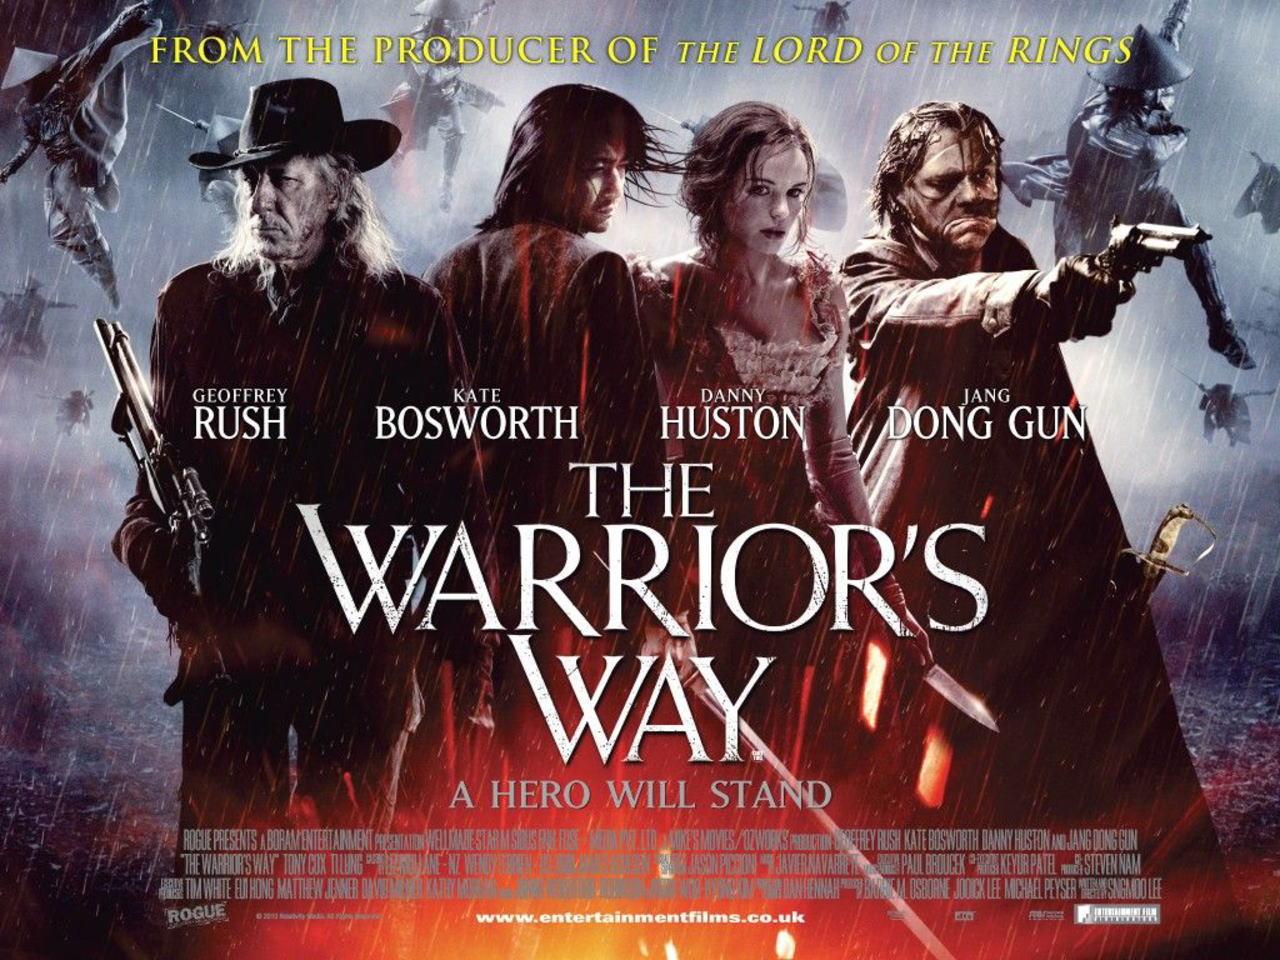 映画『決闘の大地で THE WARRIOR'S WAY』ポスター(2)▼ポスター画像クリックで拡大します。